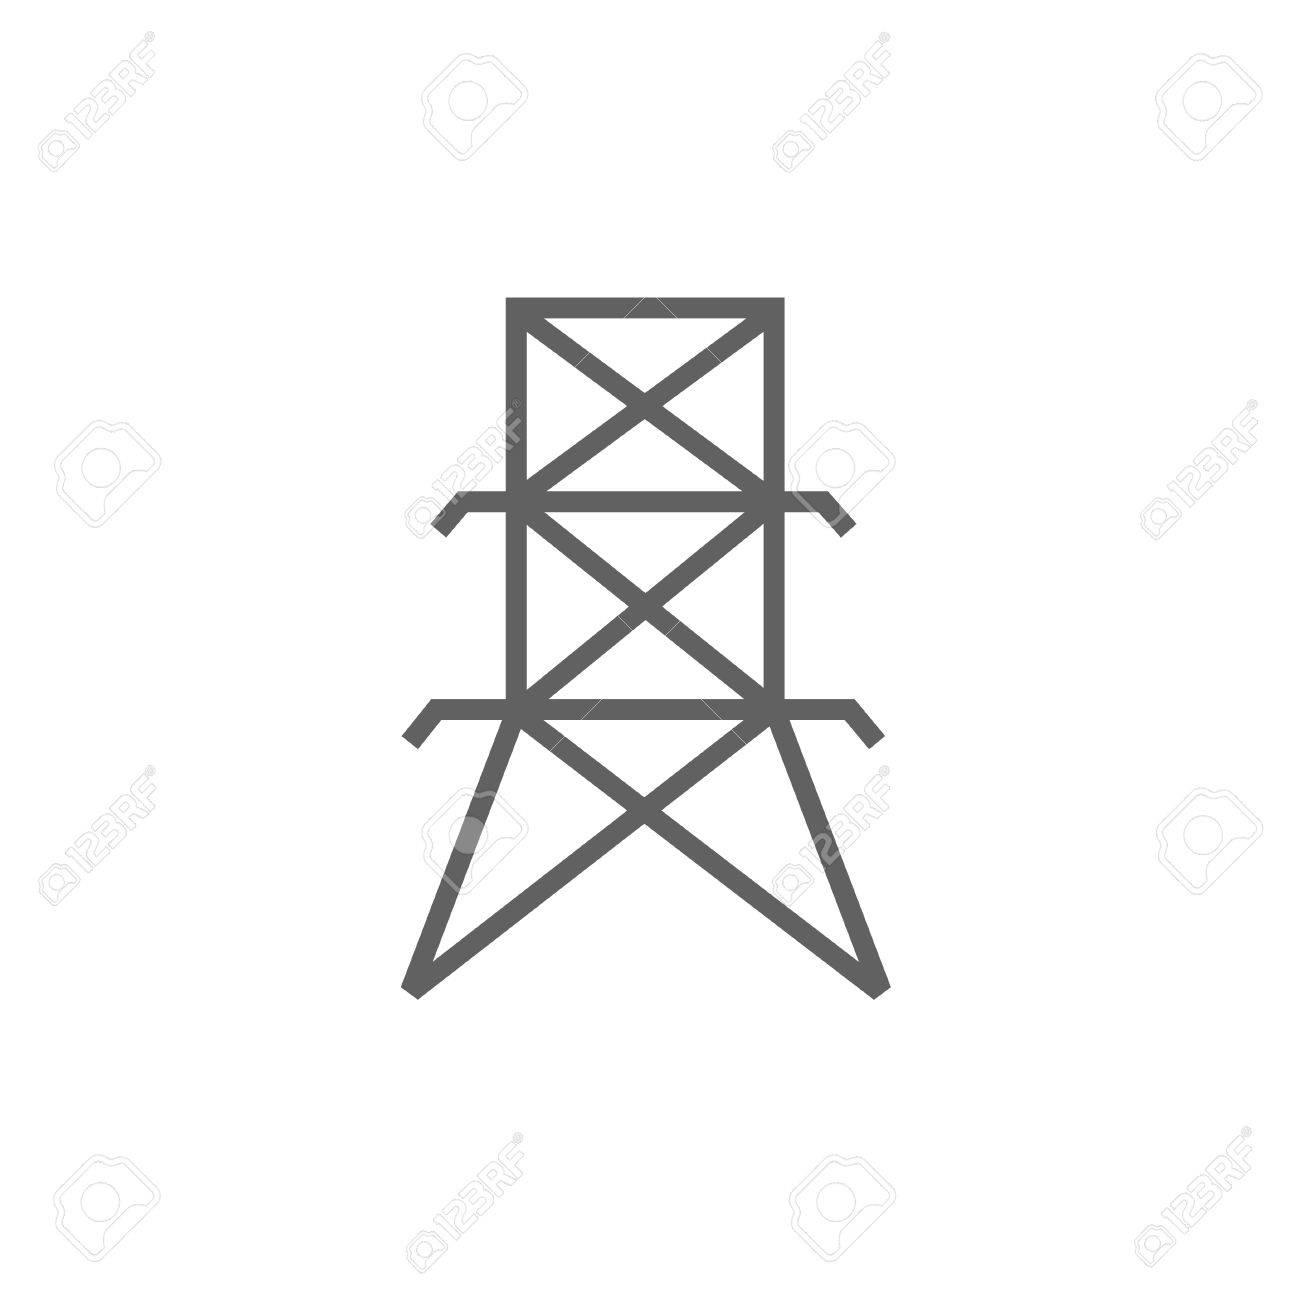 Charmant Spulenkreis Symbol Ideen - Schaltplan Serie Circuit ...